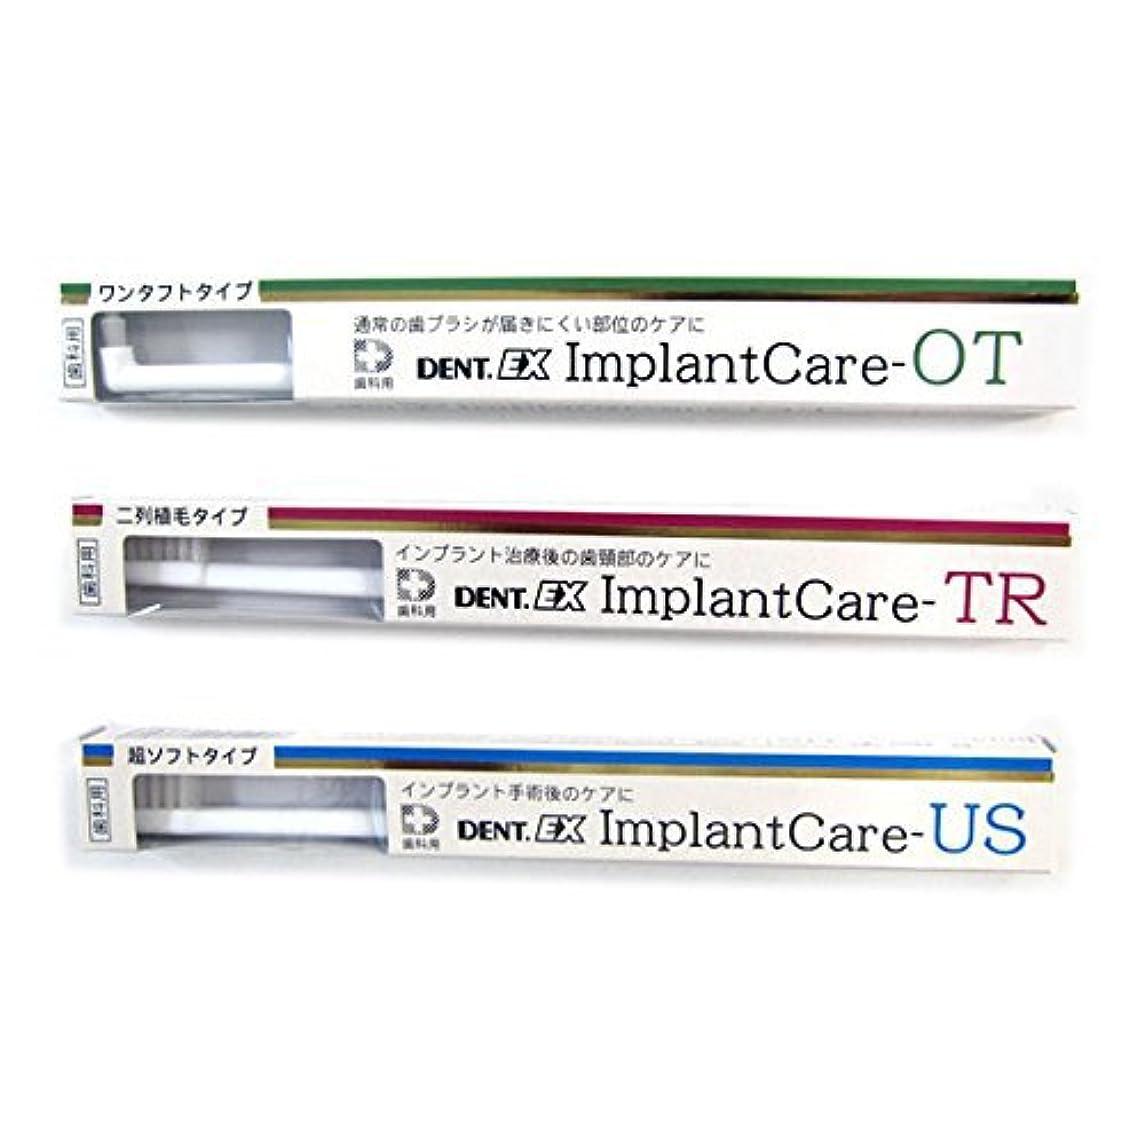 配管工キウイオアシスデント DENT EX ImplantCare インプラントケア 単品 OT(ワンタフト)